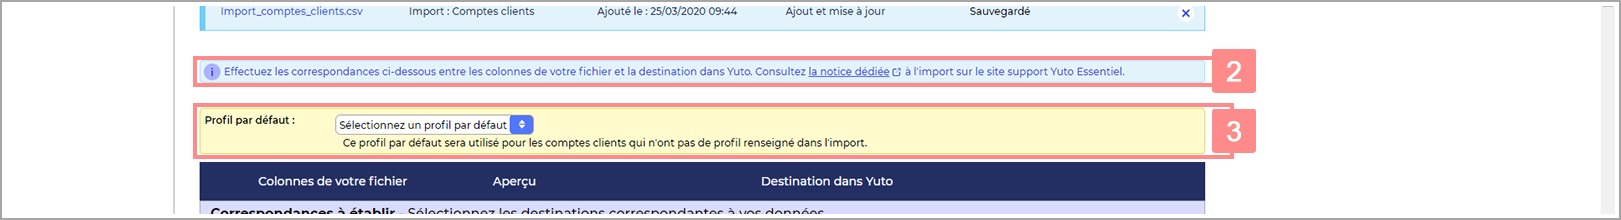 Lien guide import sur la page configuration - Aide Yuto Business